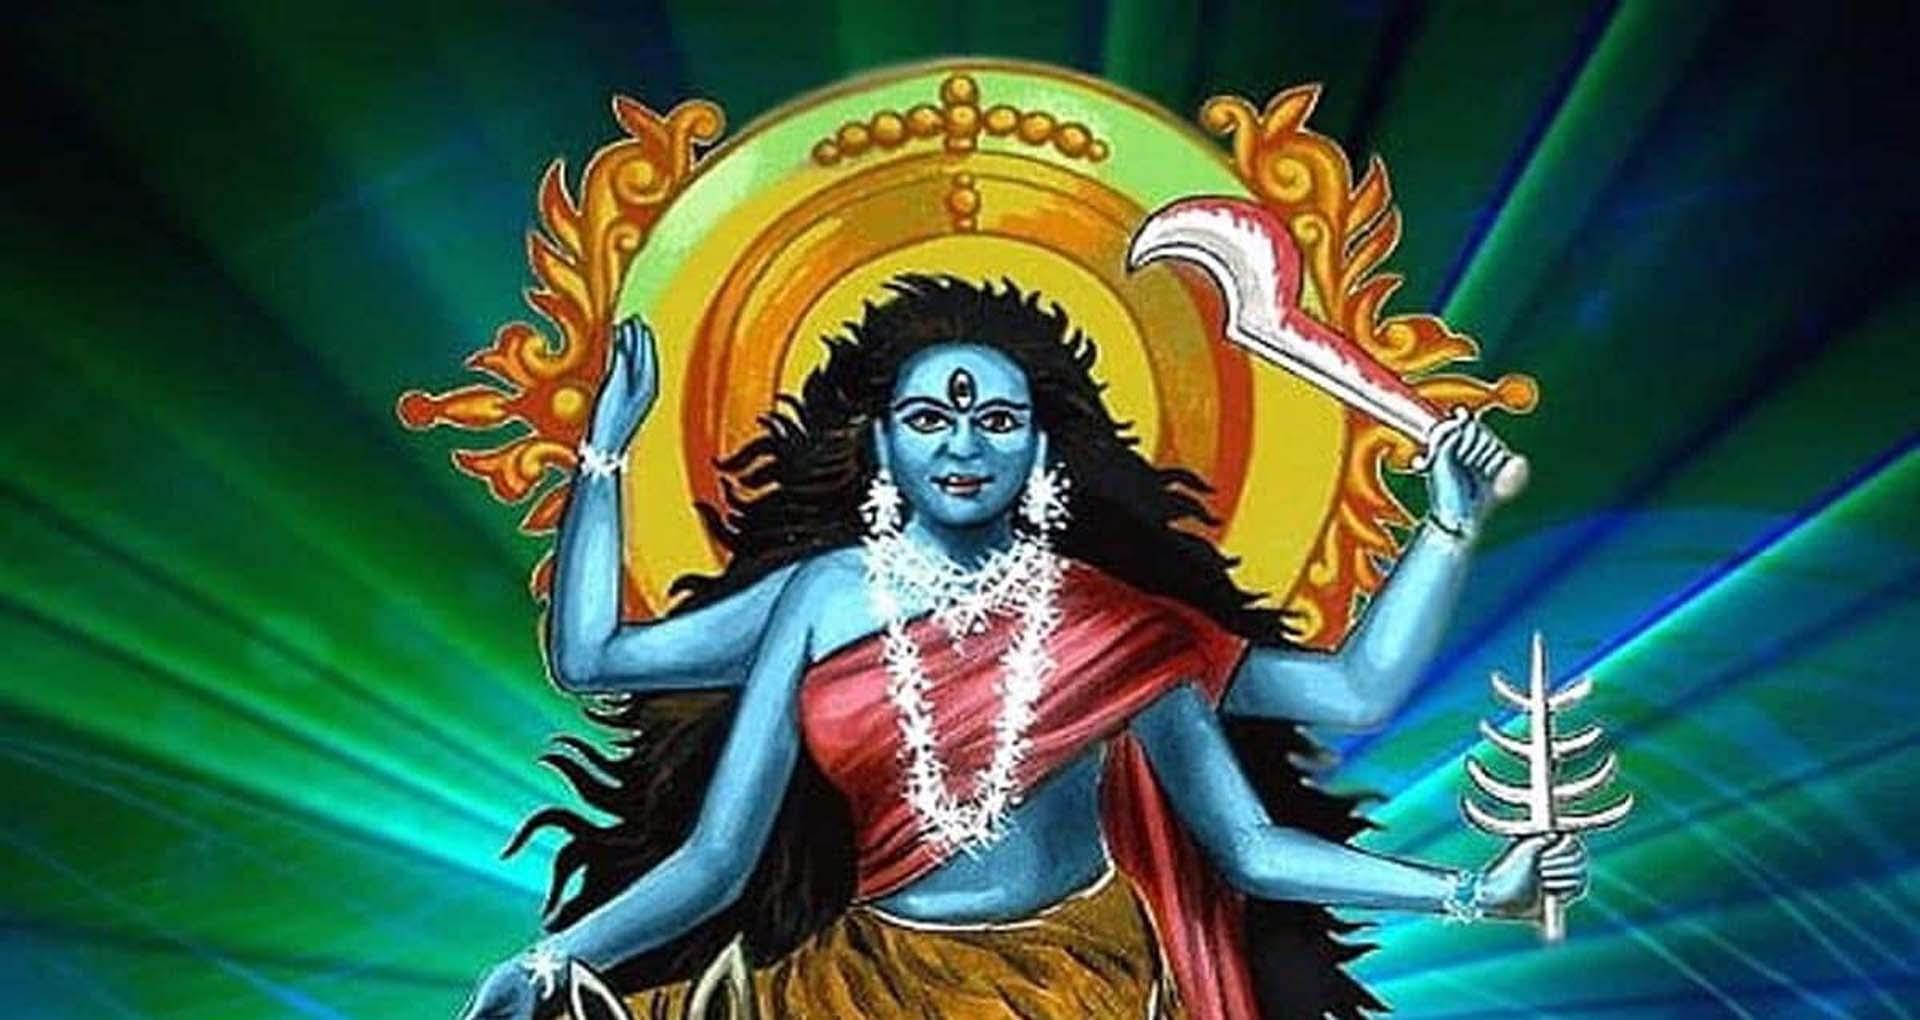 Navratri 2020: नवरात्रि के 7वें दिन ऐसे करें मां कालरात्रि की पूजा, शीघ्र पूरी होगी मनोकामना